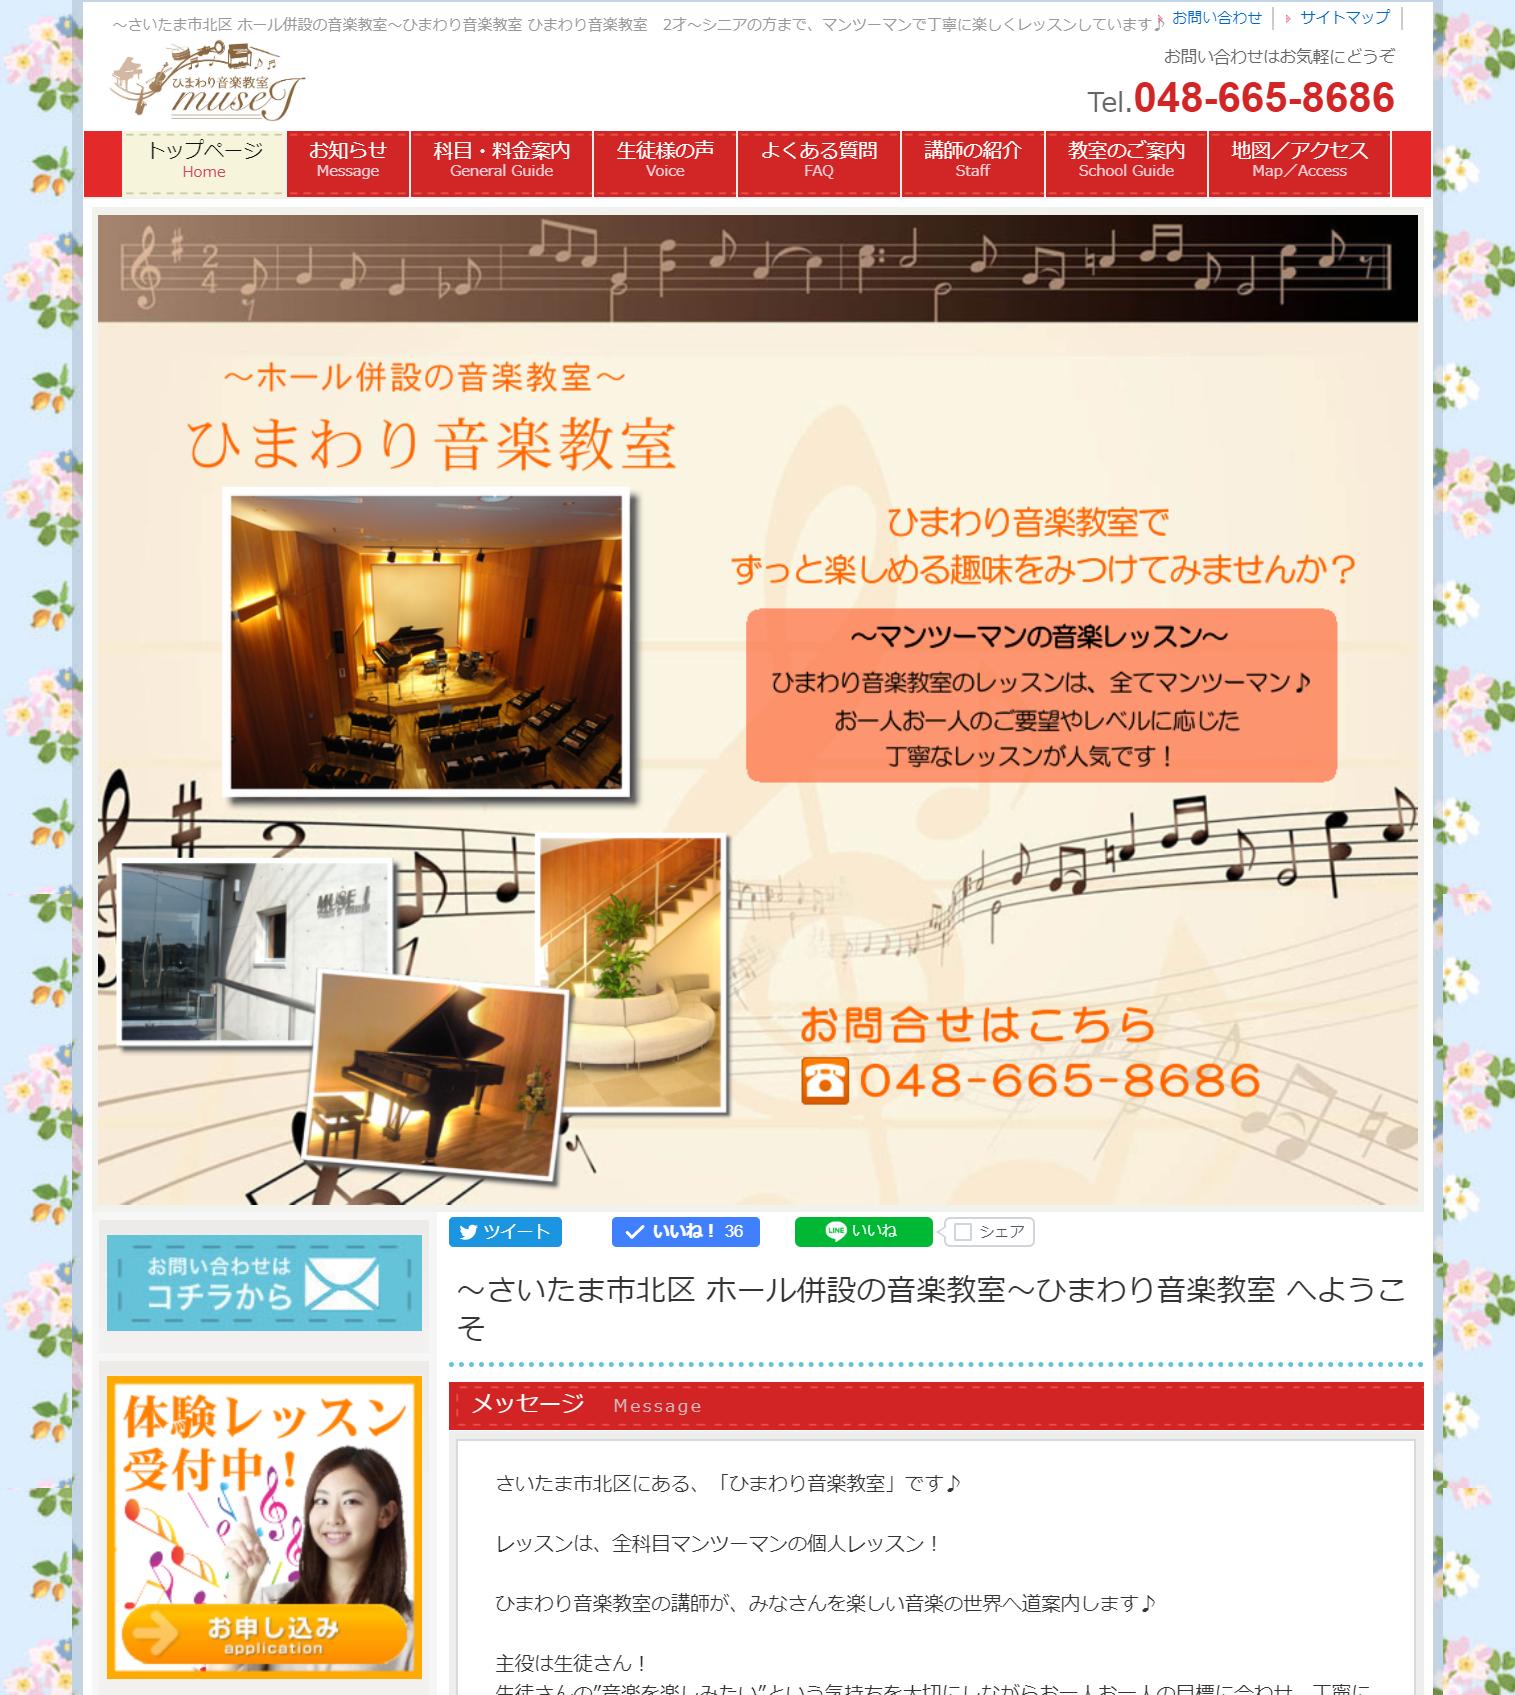 さいたま市北区 ホール併設の音楽教室 ひまわり音楽教室